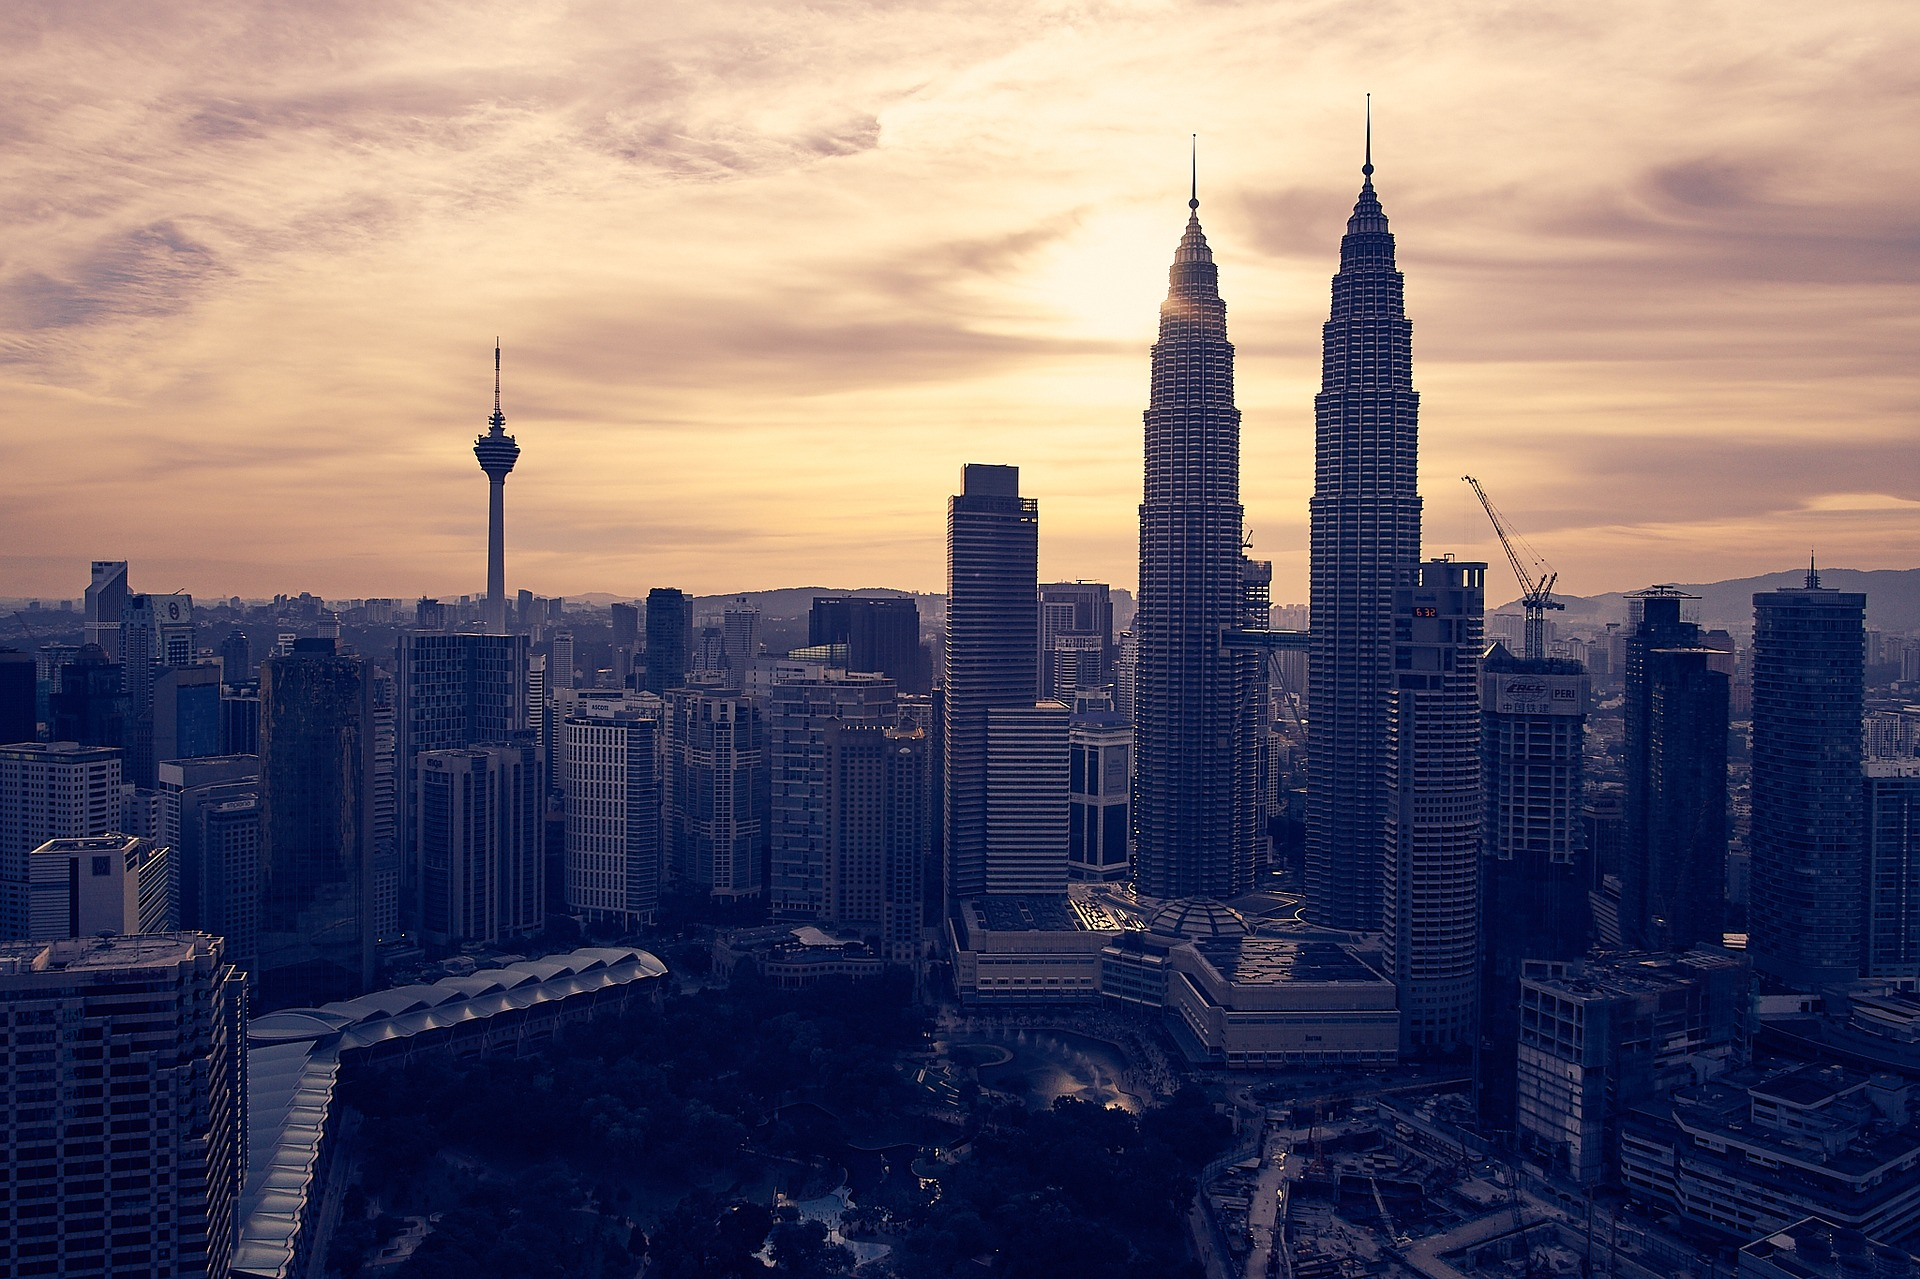 Malezja – kiedy jechać i co warto zobaczyć?